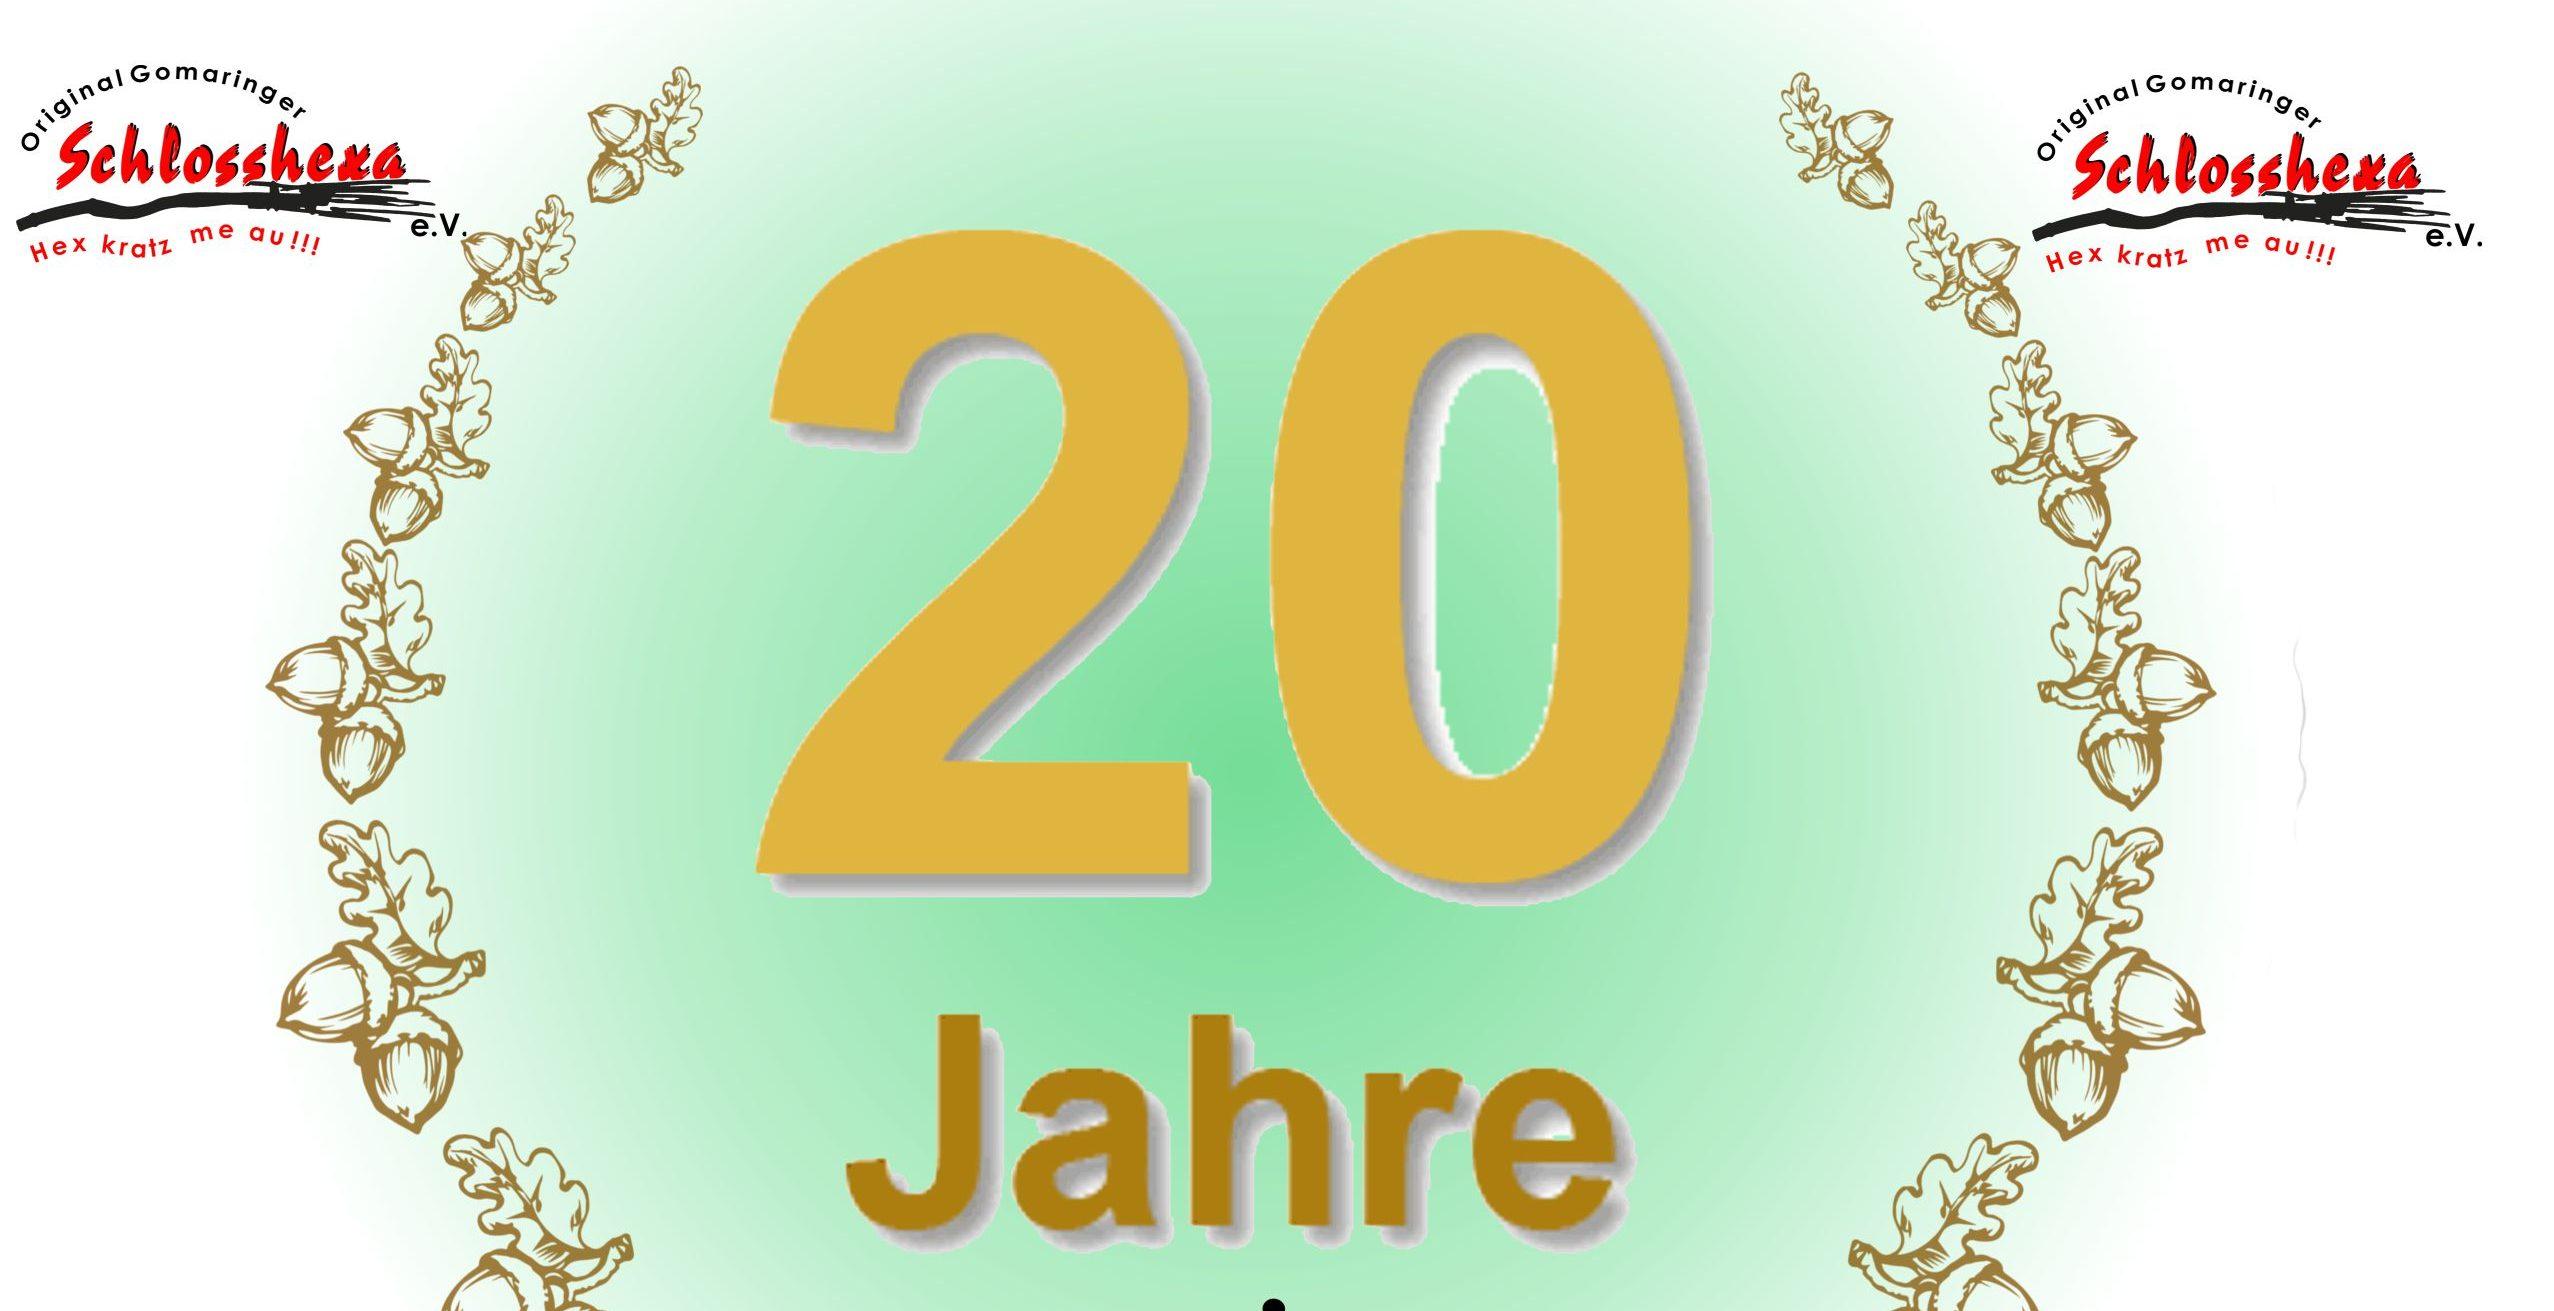 20 Jahre Oichele - Brauchtumsabend - Original Gomaringer